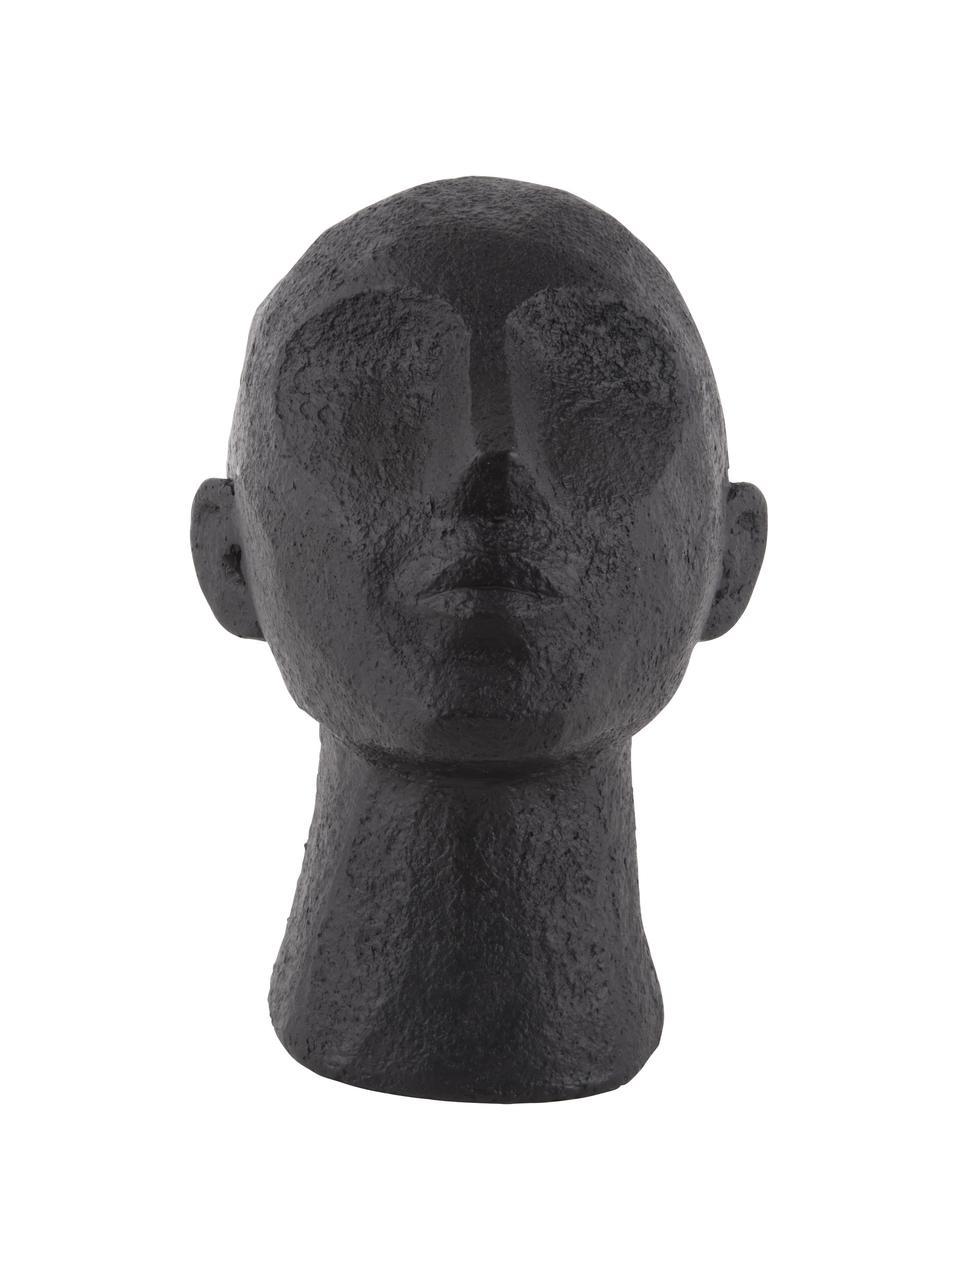 Deko-Objekt Art Up, Kunststoff, Schwarz, 16 x 23 cm